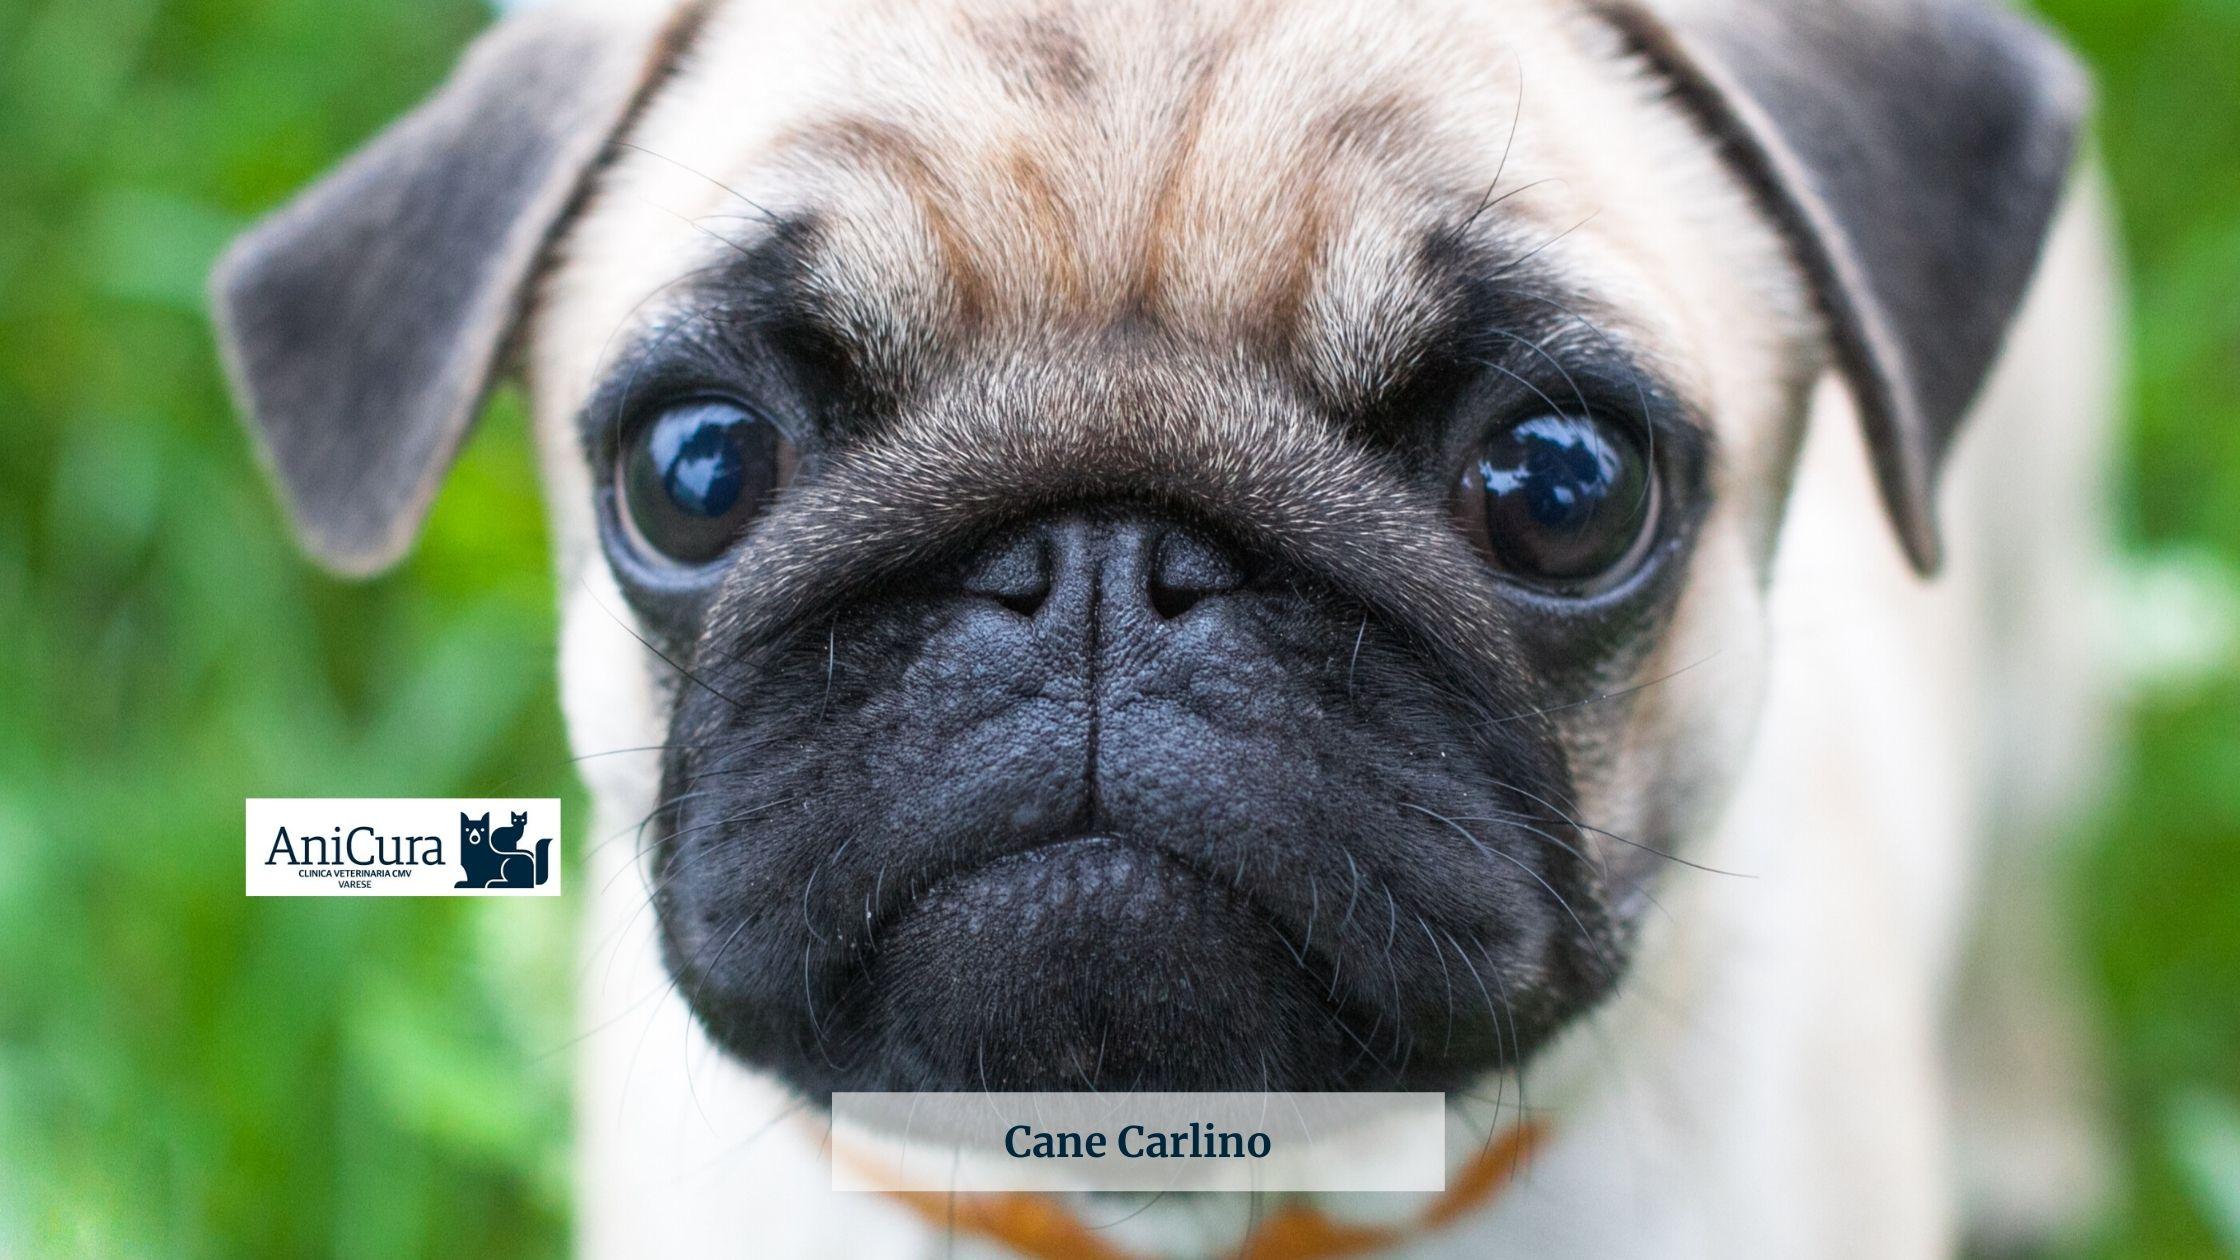 cane carlino sindrome del cane brachicefalo